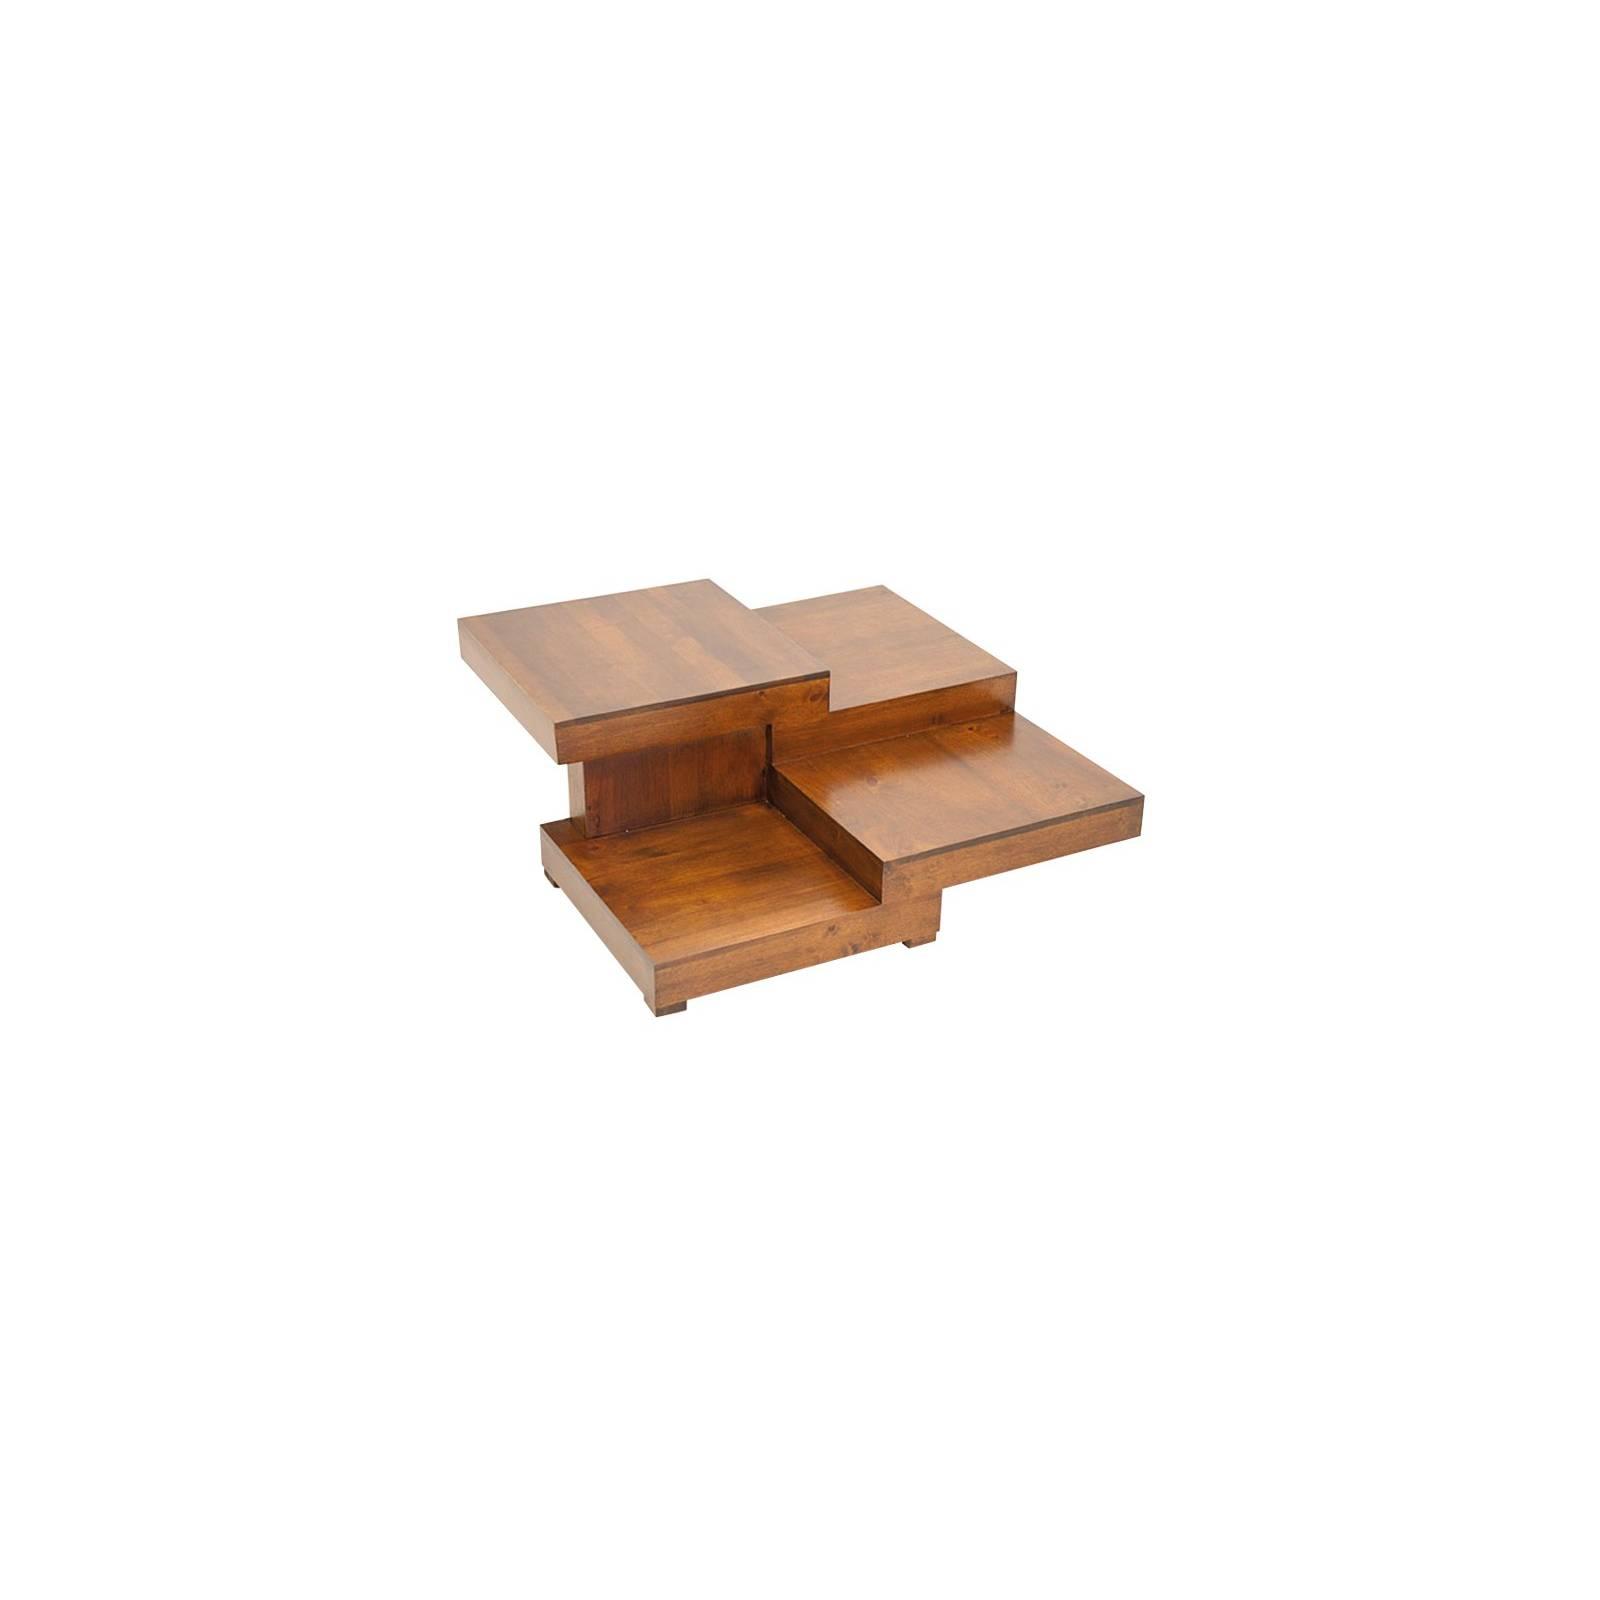 Table Basse Omega Hévéa - meuble style design